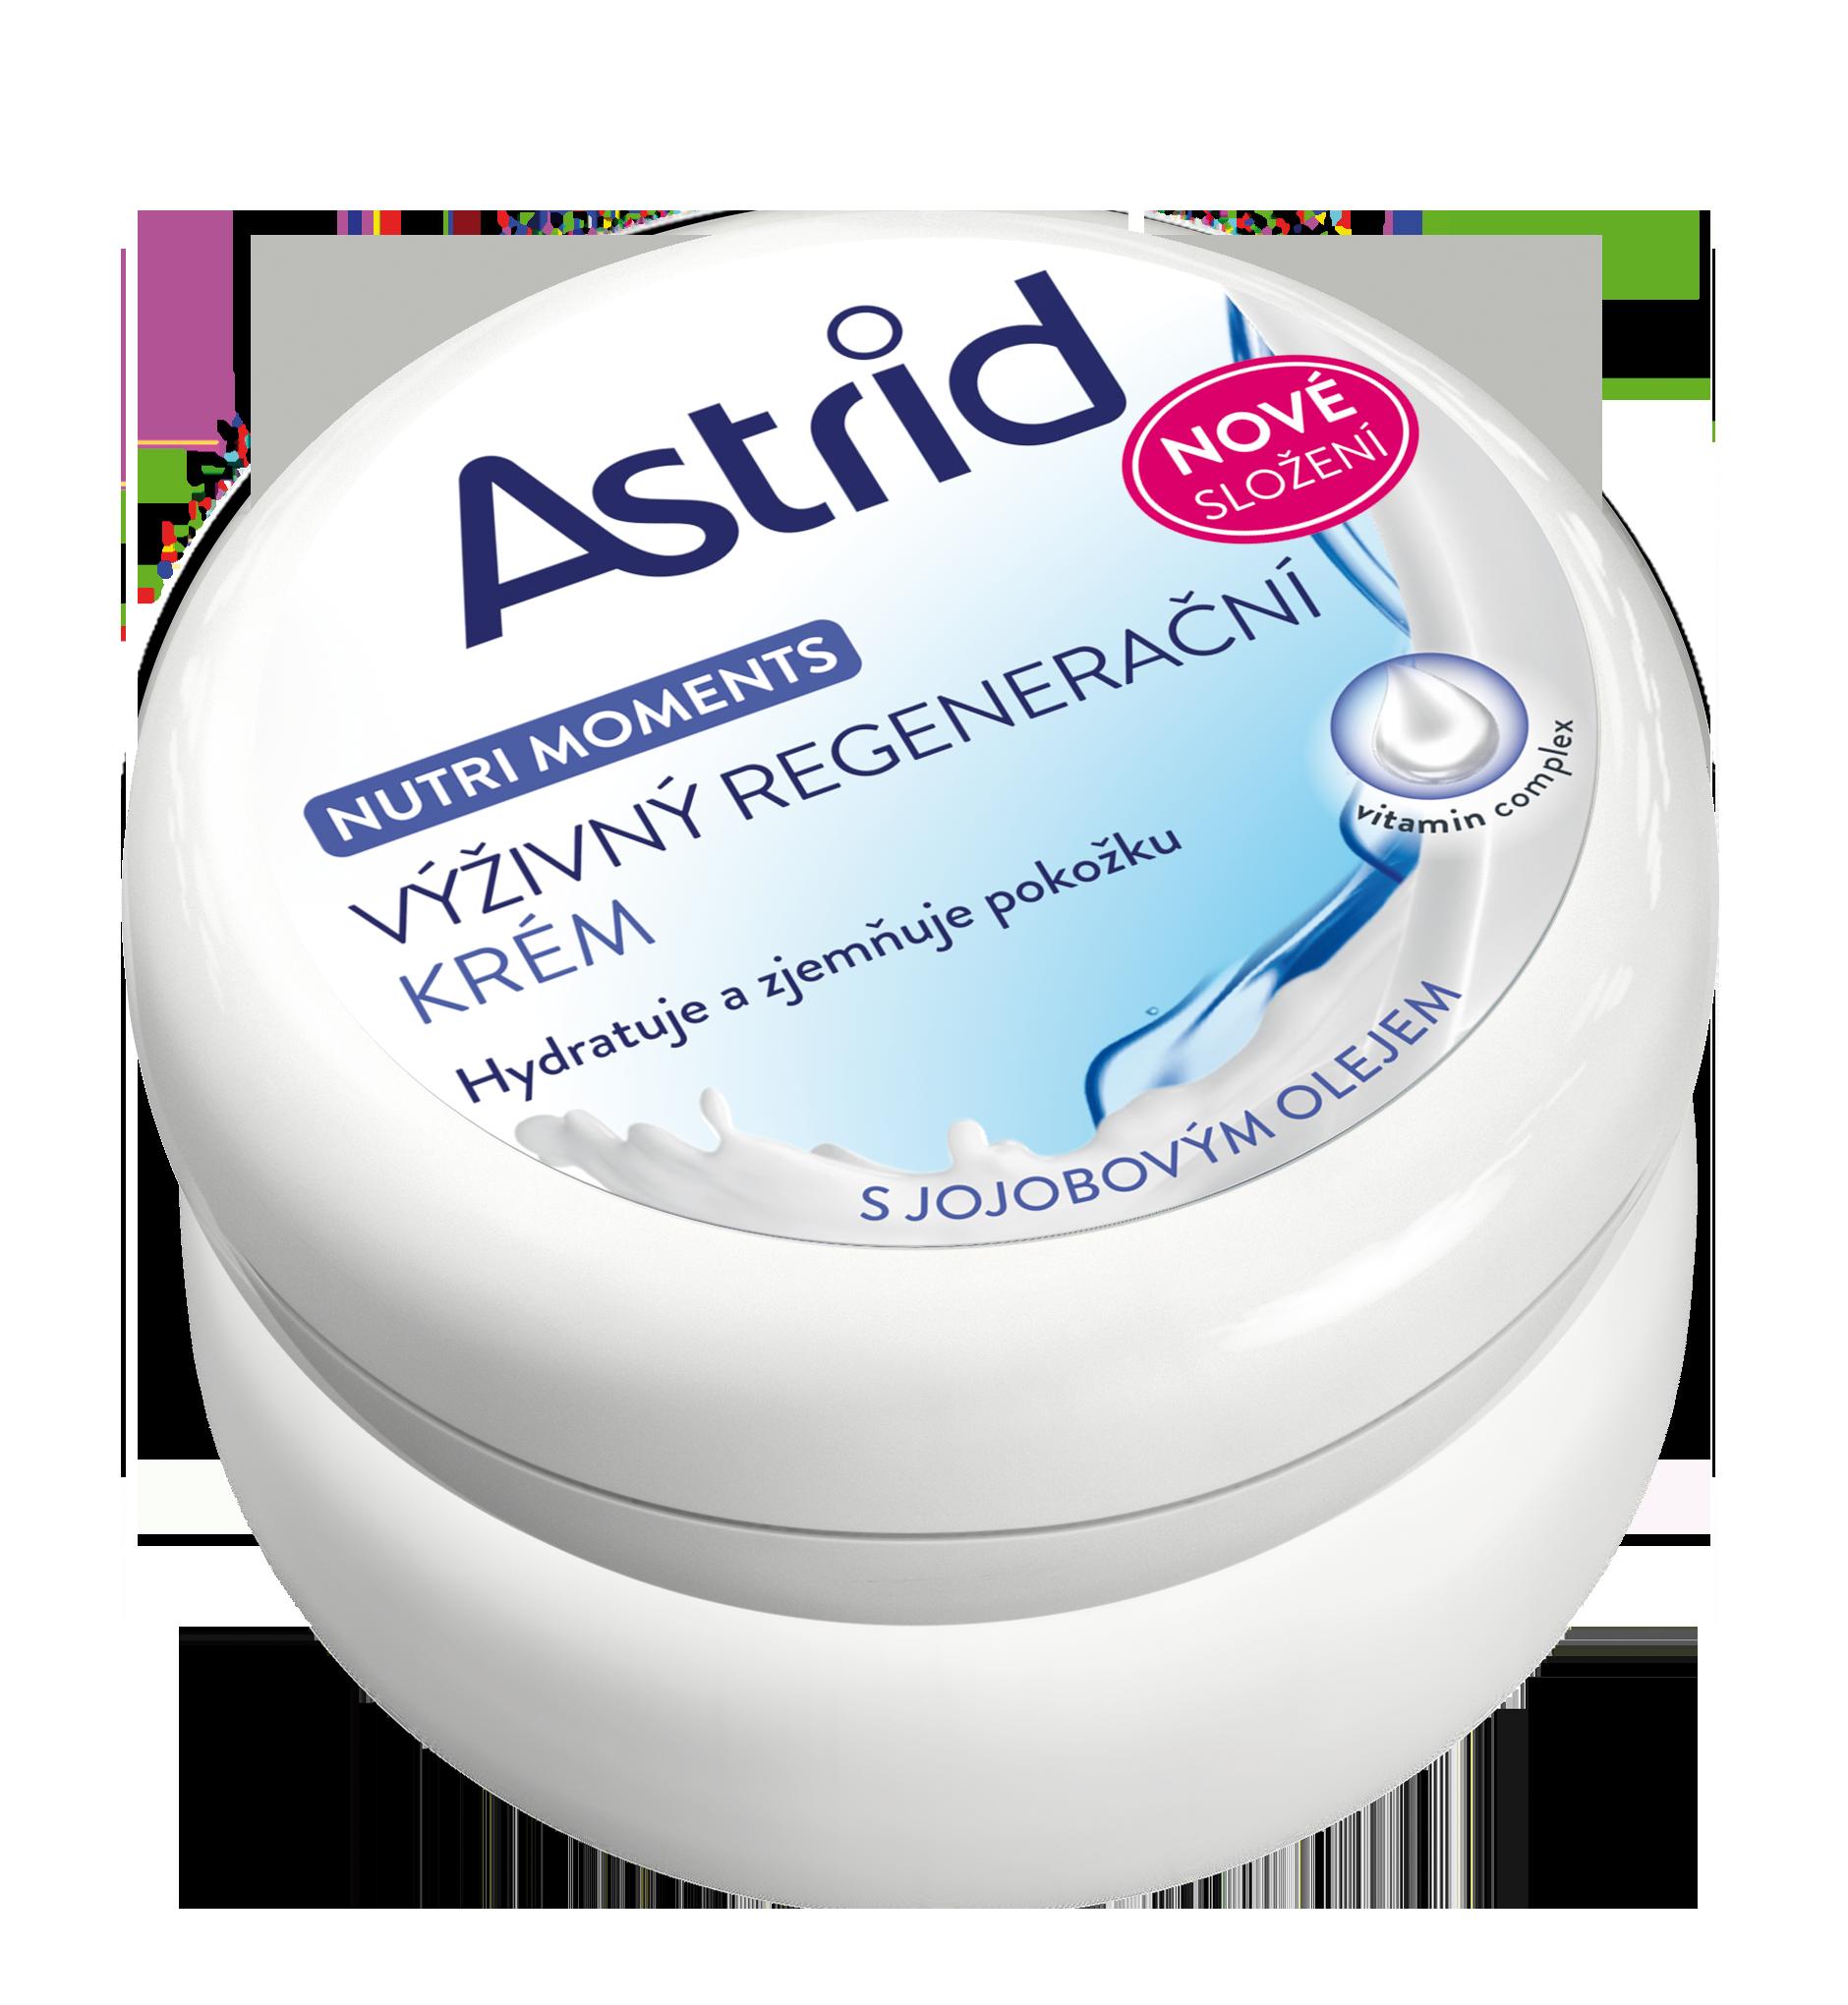 Astrid Nutri Moments výživný regenerační krém s jojobovým olejem, nové složení 150 ml